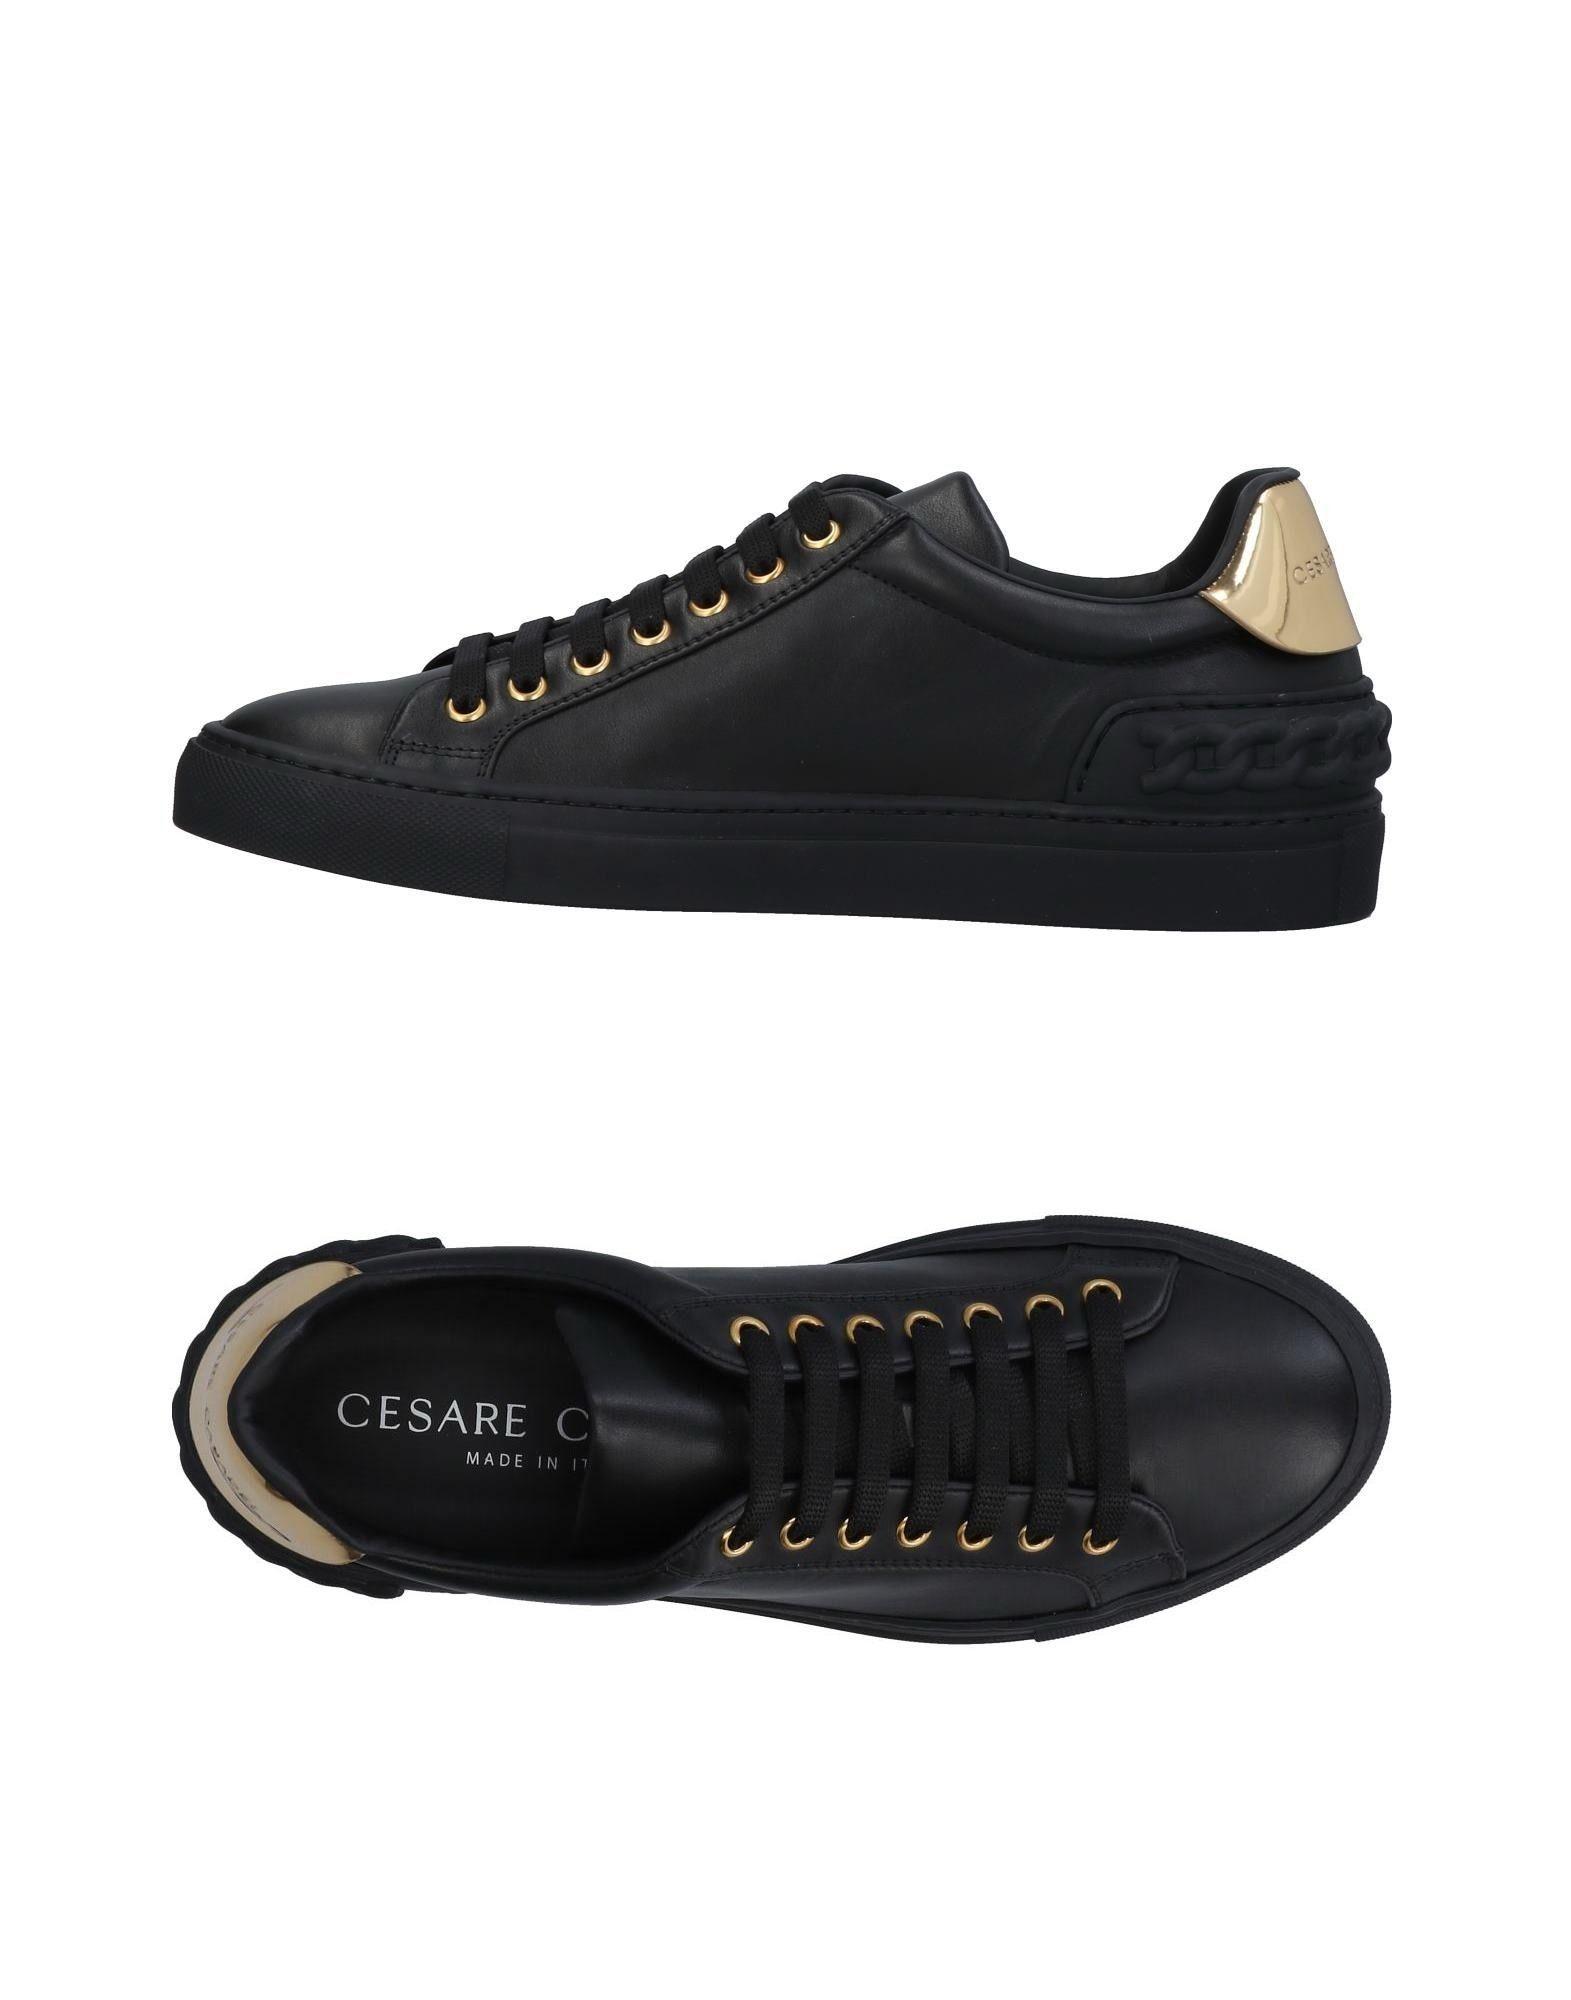 Cesare Casadei Sneakers Herren  11450513VS Gute Qualität beliebte Schuhe